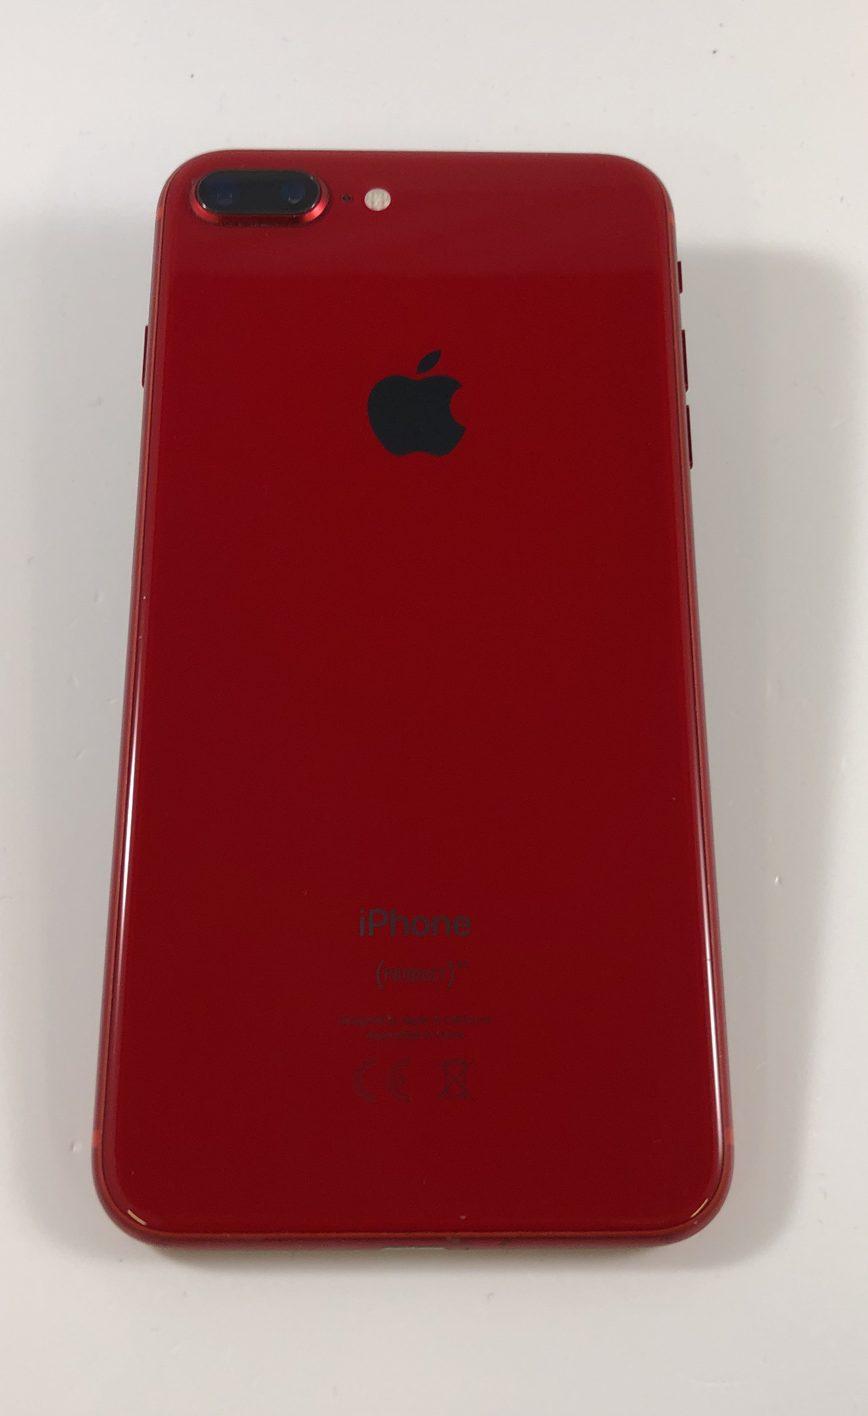 iPhone 8 Plus 64GB, 64GB, Red, Kuva 2